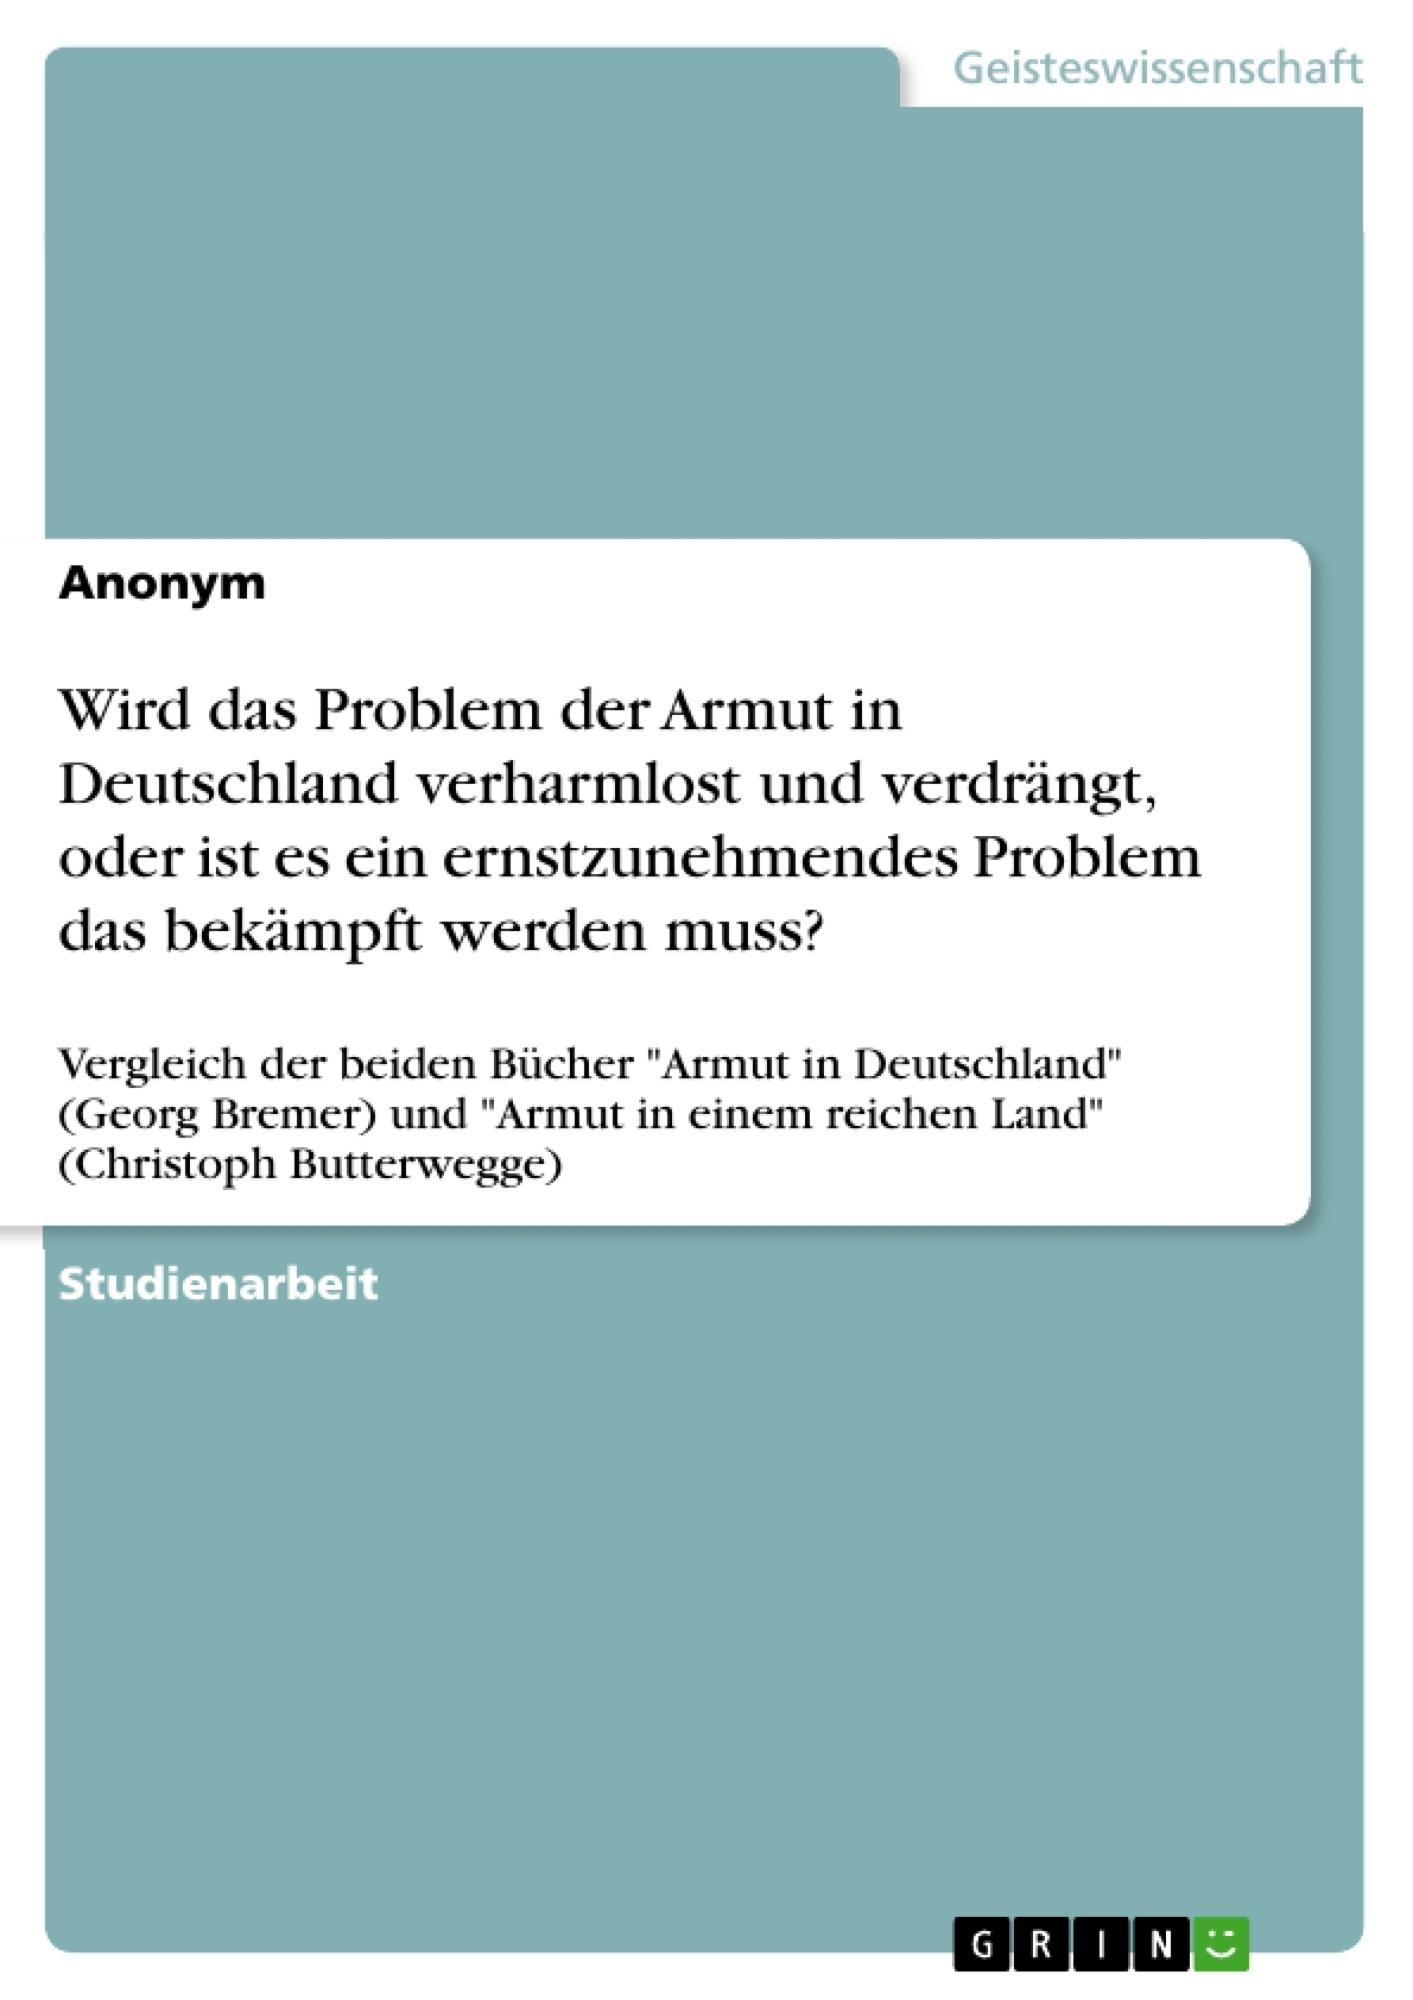 Titel: Wird das Problem der Armut in Deutschland verharmlost und verdrängt, oder ist es ein ernstzunehmendes Problem das bekämpft werden muss?